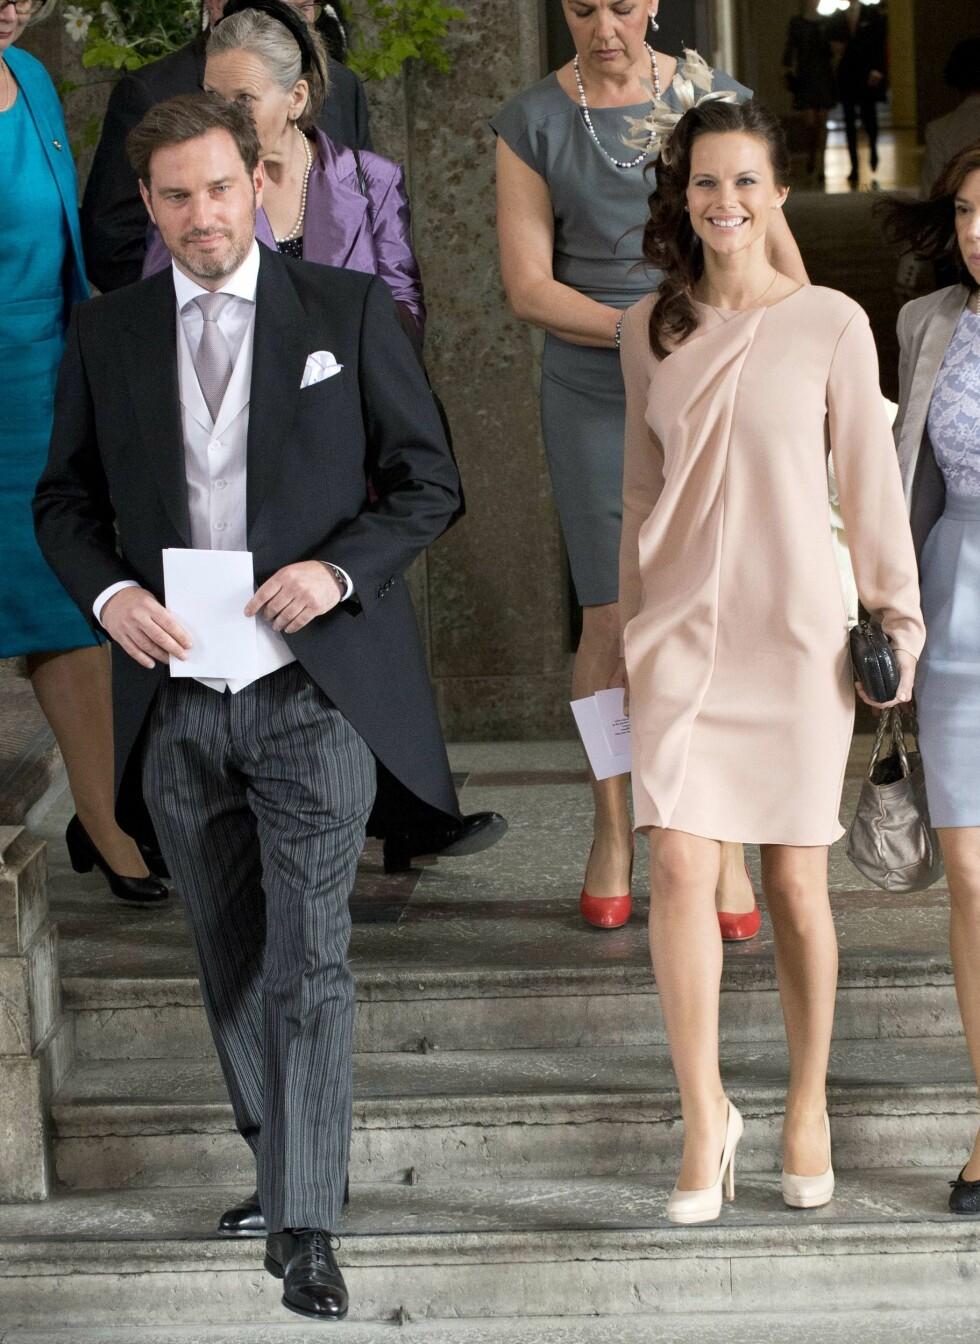 VÅREN 2012: Sofia, her sammen med Chris ONeill, iført en delikat, pudderfarget kjole i anledning prinsesse Estelles dåp. Den sorte clutchvesken og hodepryden gjør antrekket mer spennende. Legg merke til de beige pumpsene, som er av samme type som hertuginne Kates favorittsko. Foto: Afp